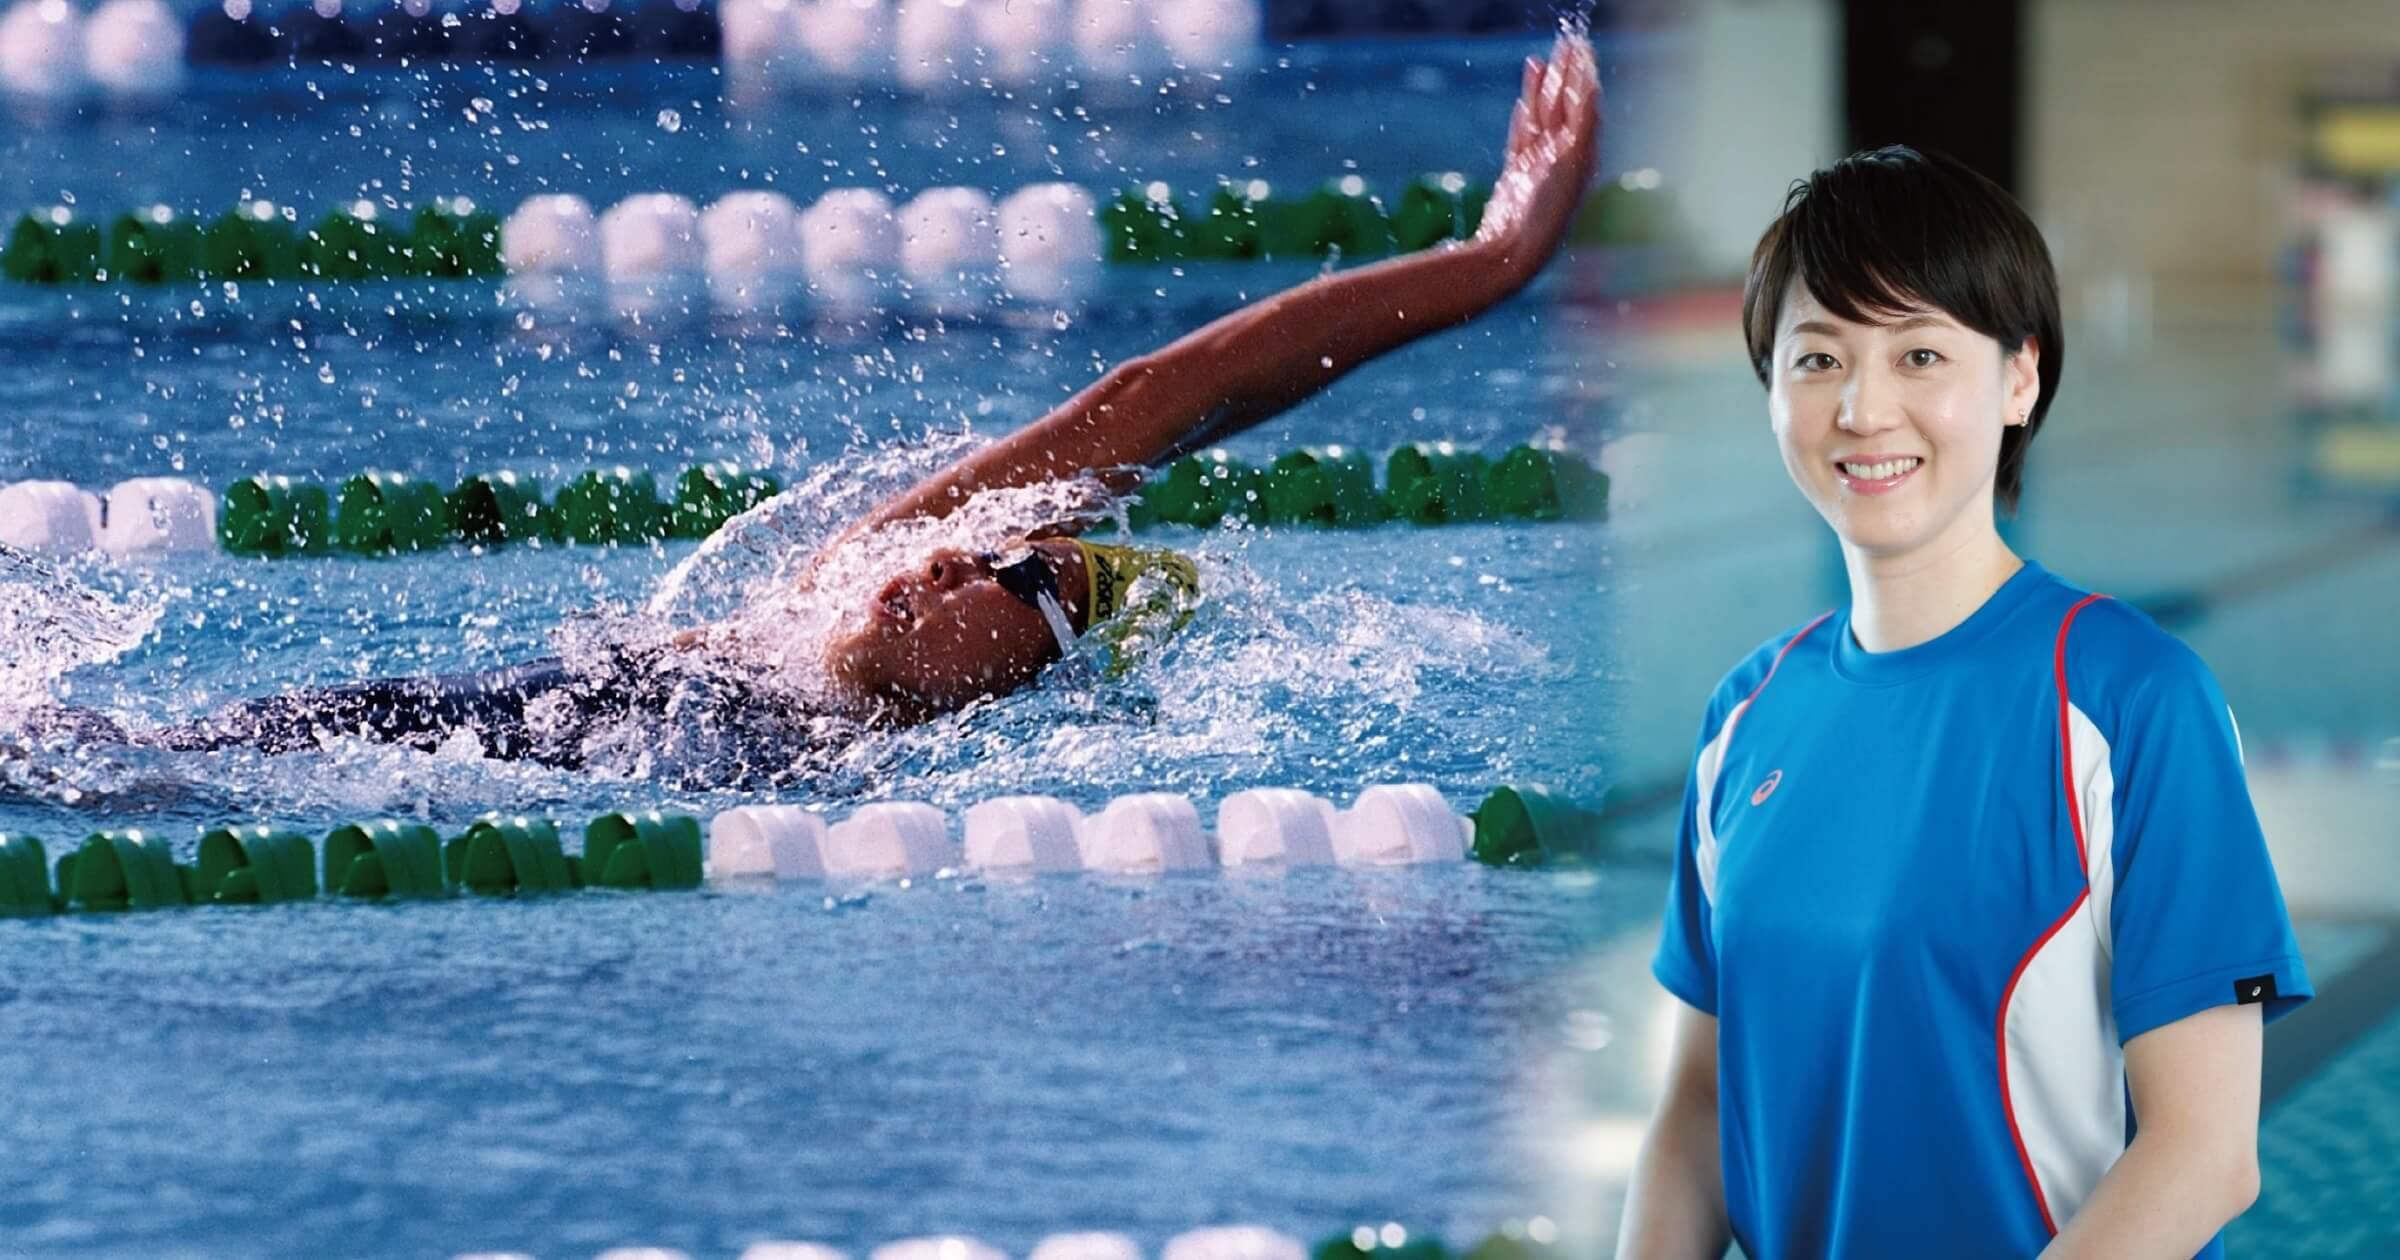 元・水泳日本代表選手、萩原智子さんインタビュー「子どもたちに持ってほしい水への感謝」